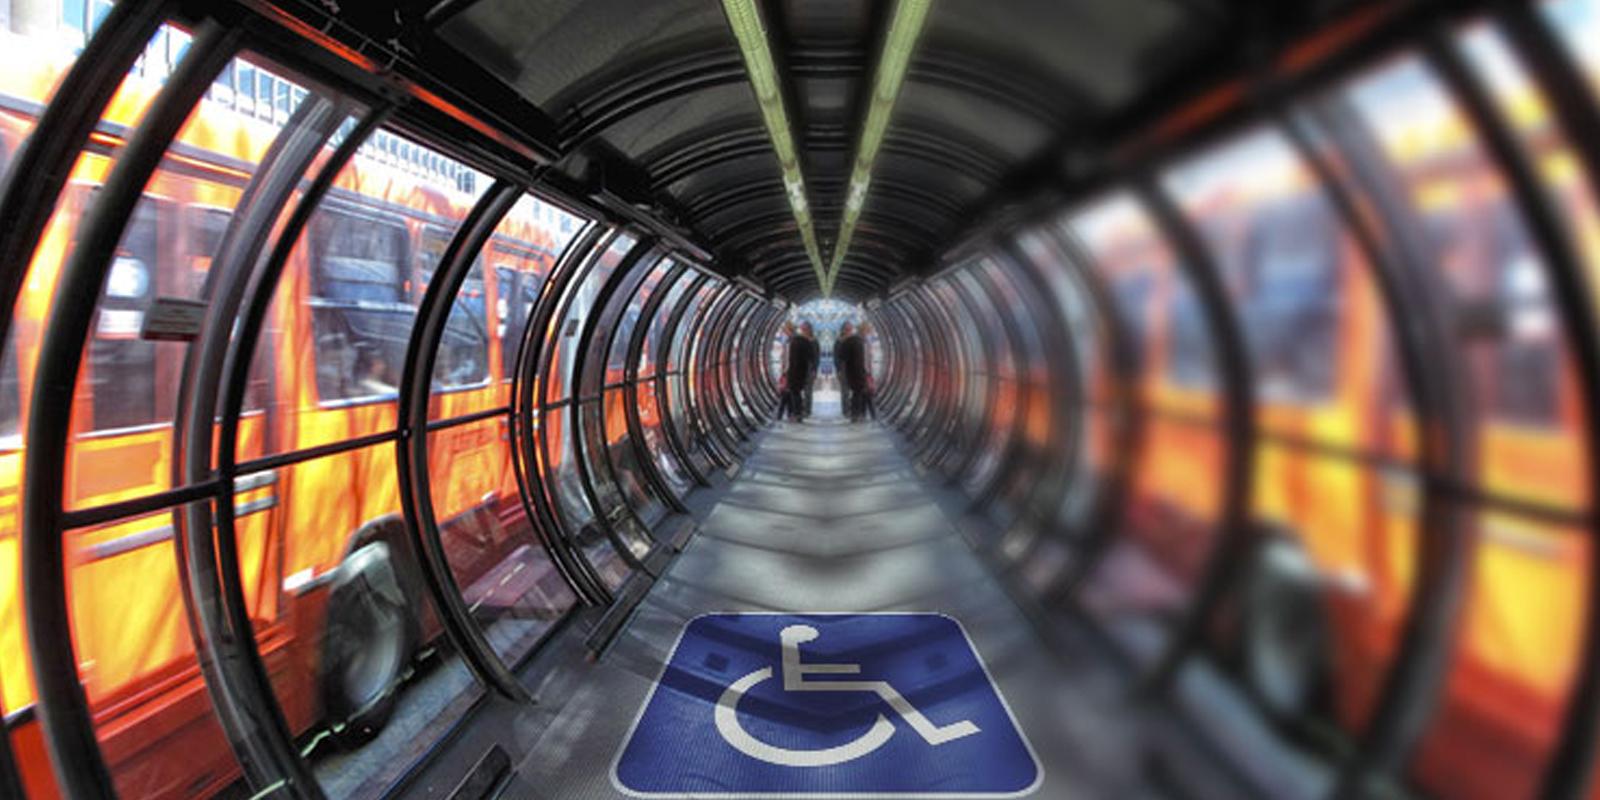 passarelas para deficientes físicos é uma melhoria na mobilidade urbana